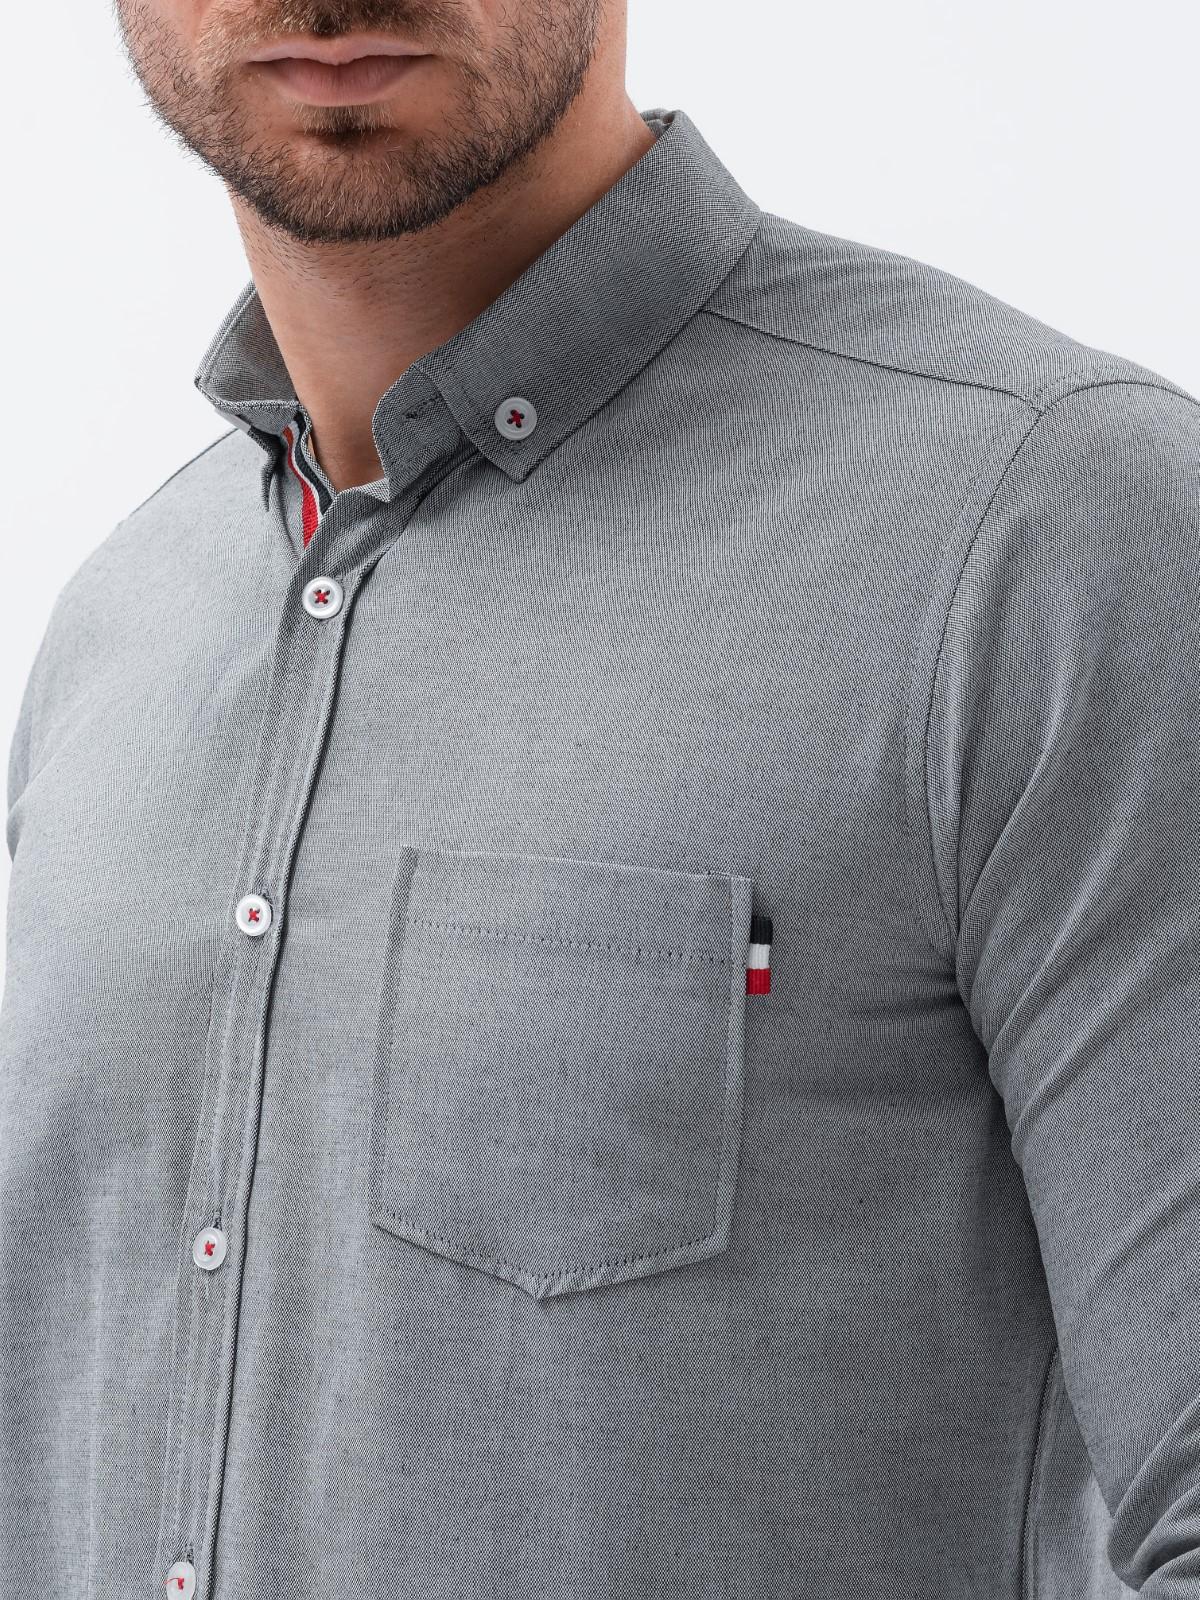 Купить со скидкой Чоловіча сорочка з довгим рукавом K490 - сіра